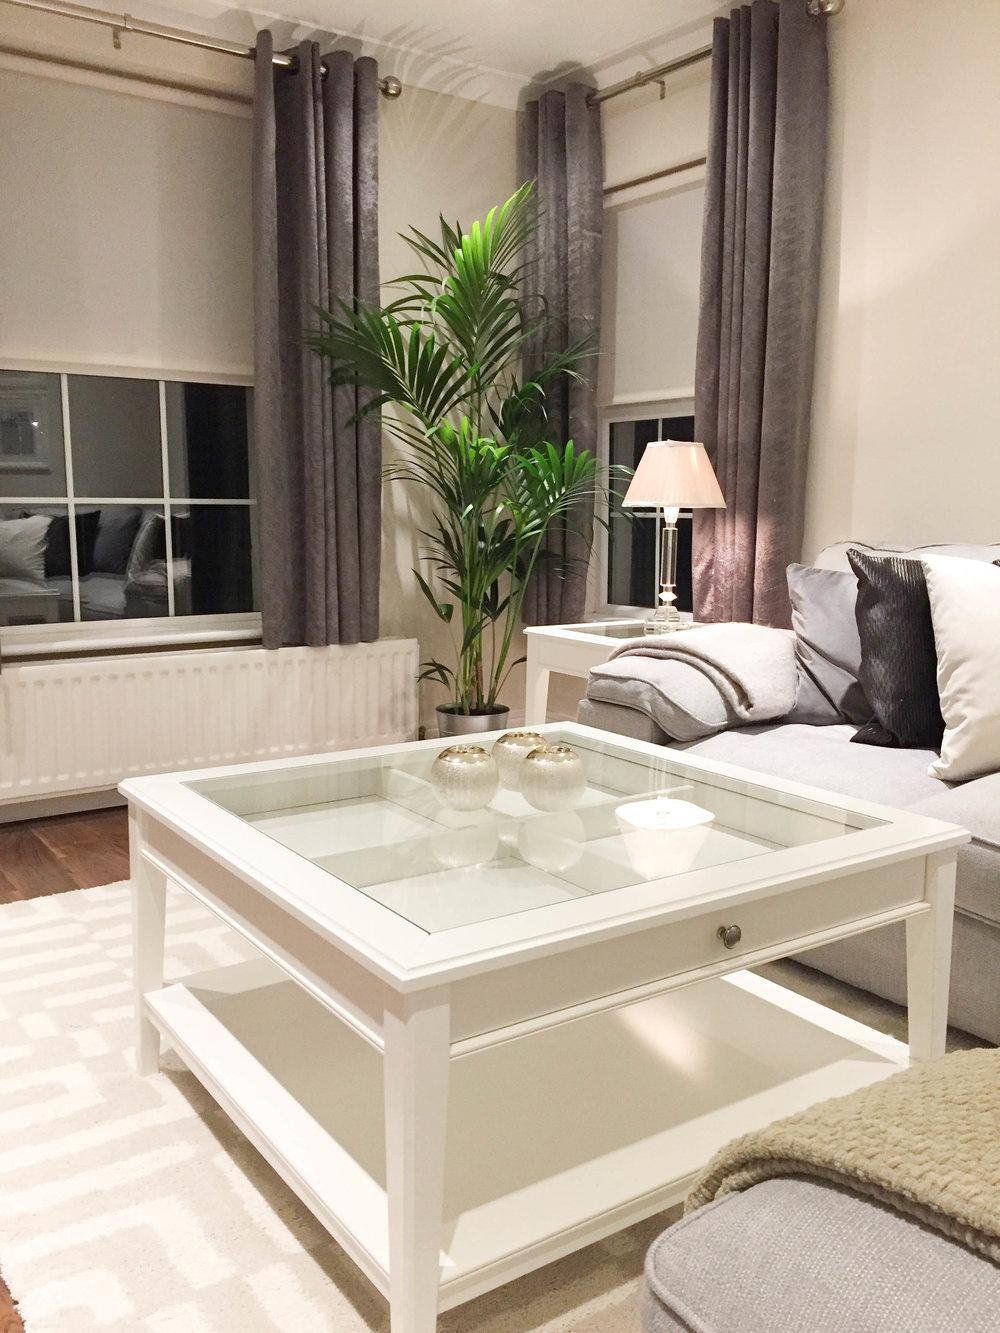 Living room Design- Stillorgan (after photo)